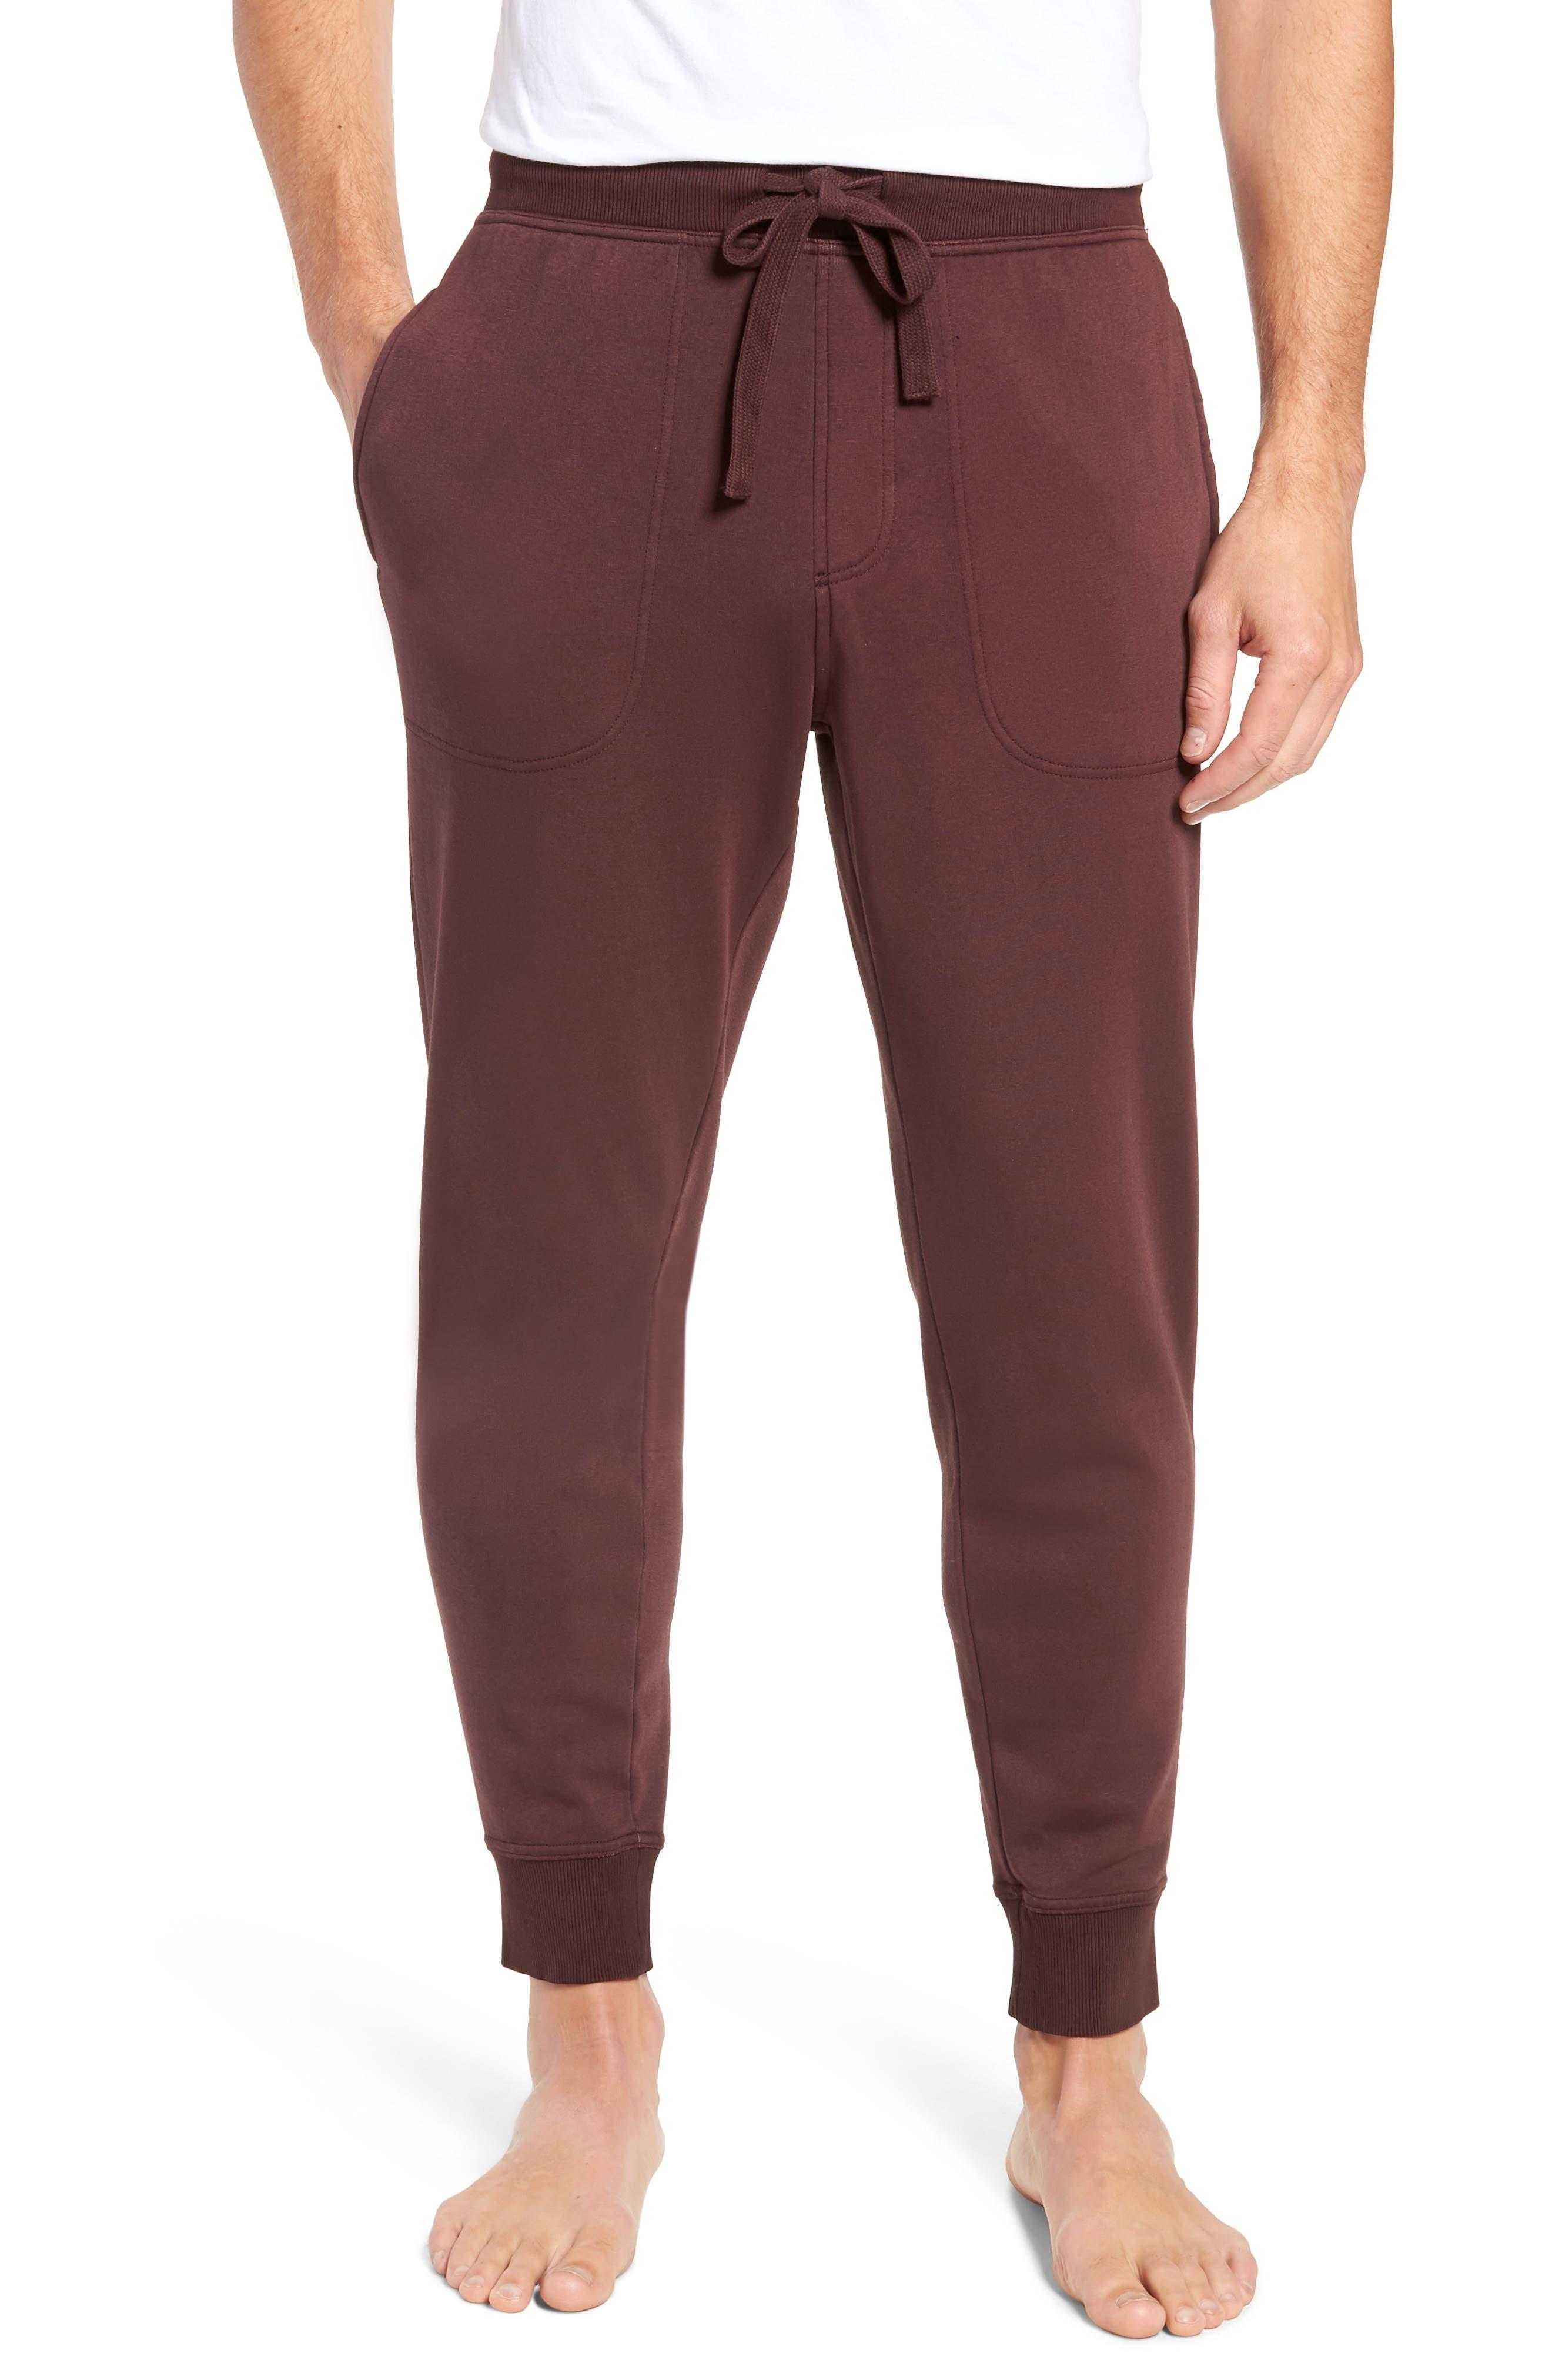 72f98eba907 Men's UGG® Joggers & Sweatpants | Nordstrom